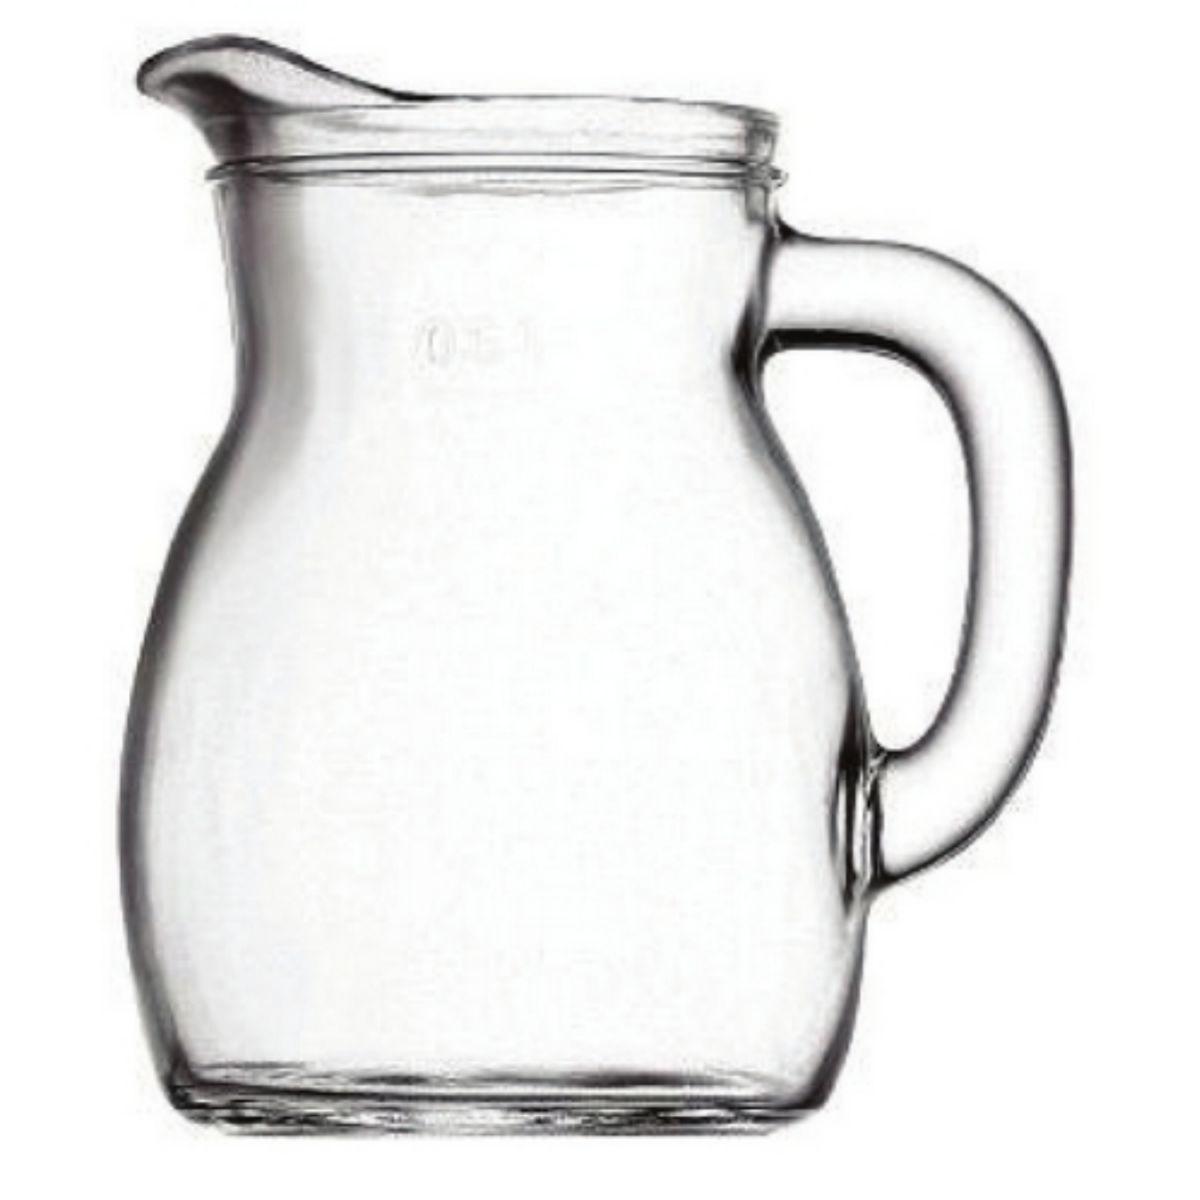 Bormioli Rocco | skleněný džbánek, Bistrot 30 cl